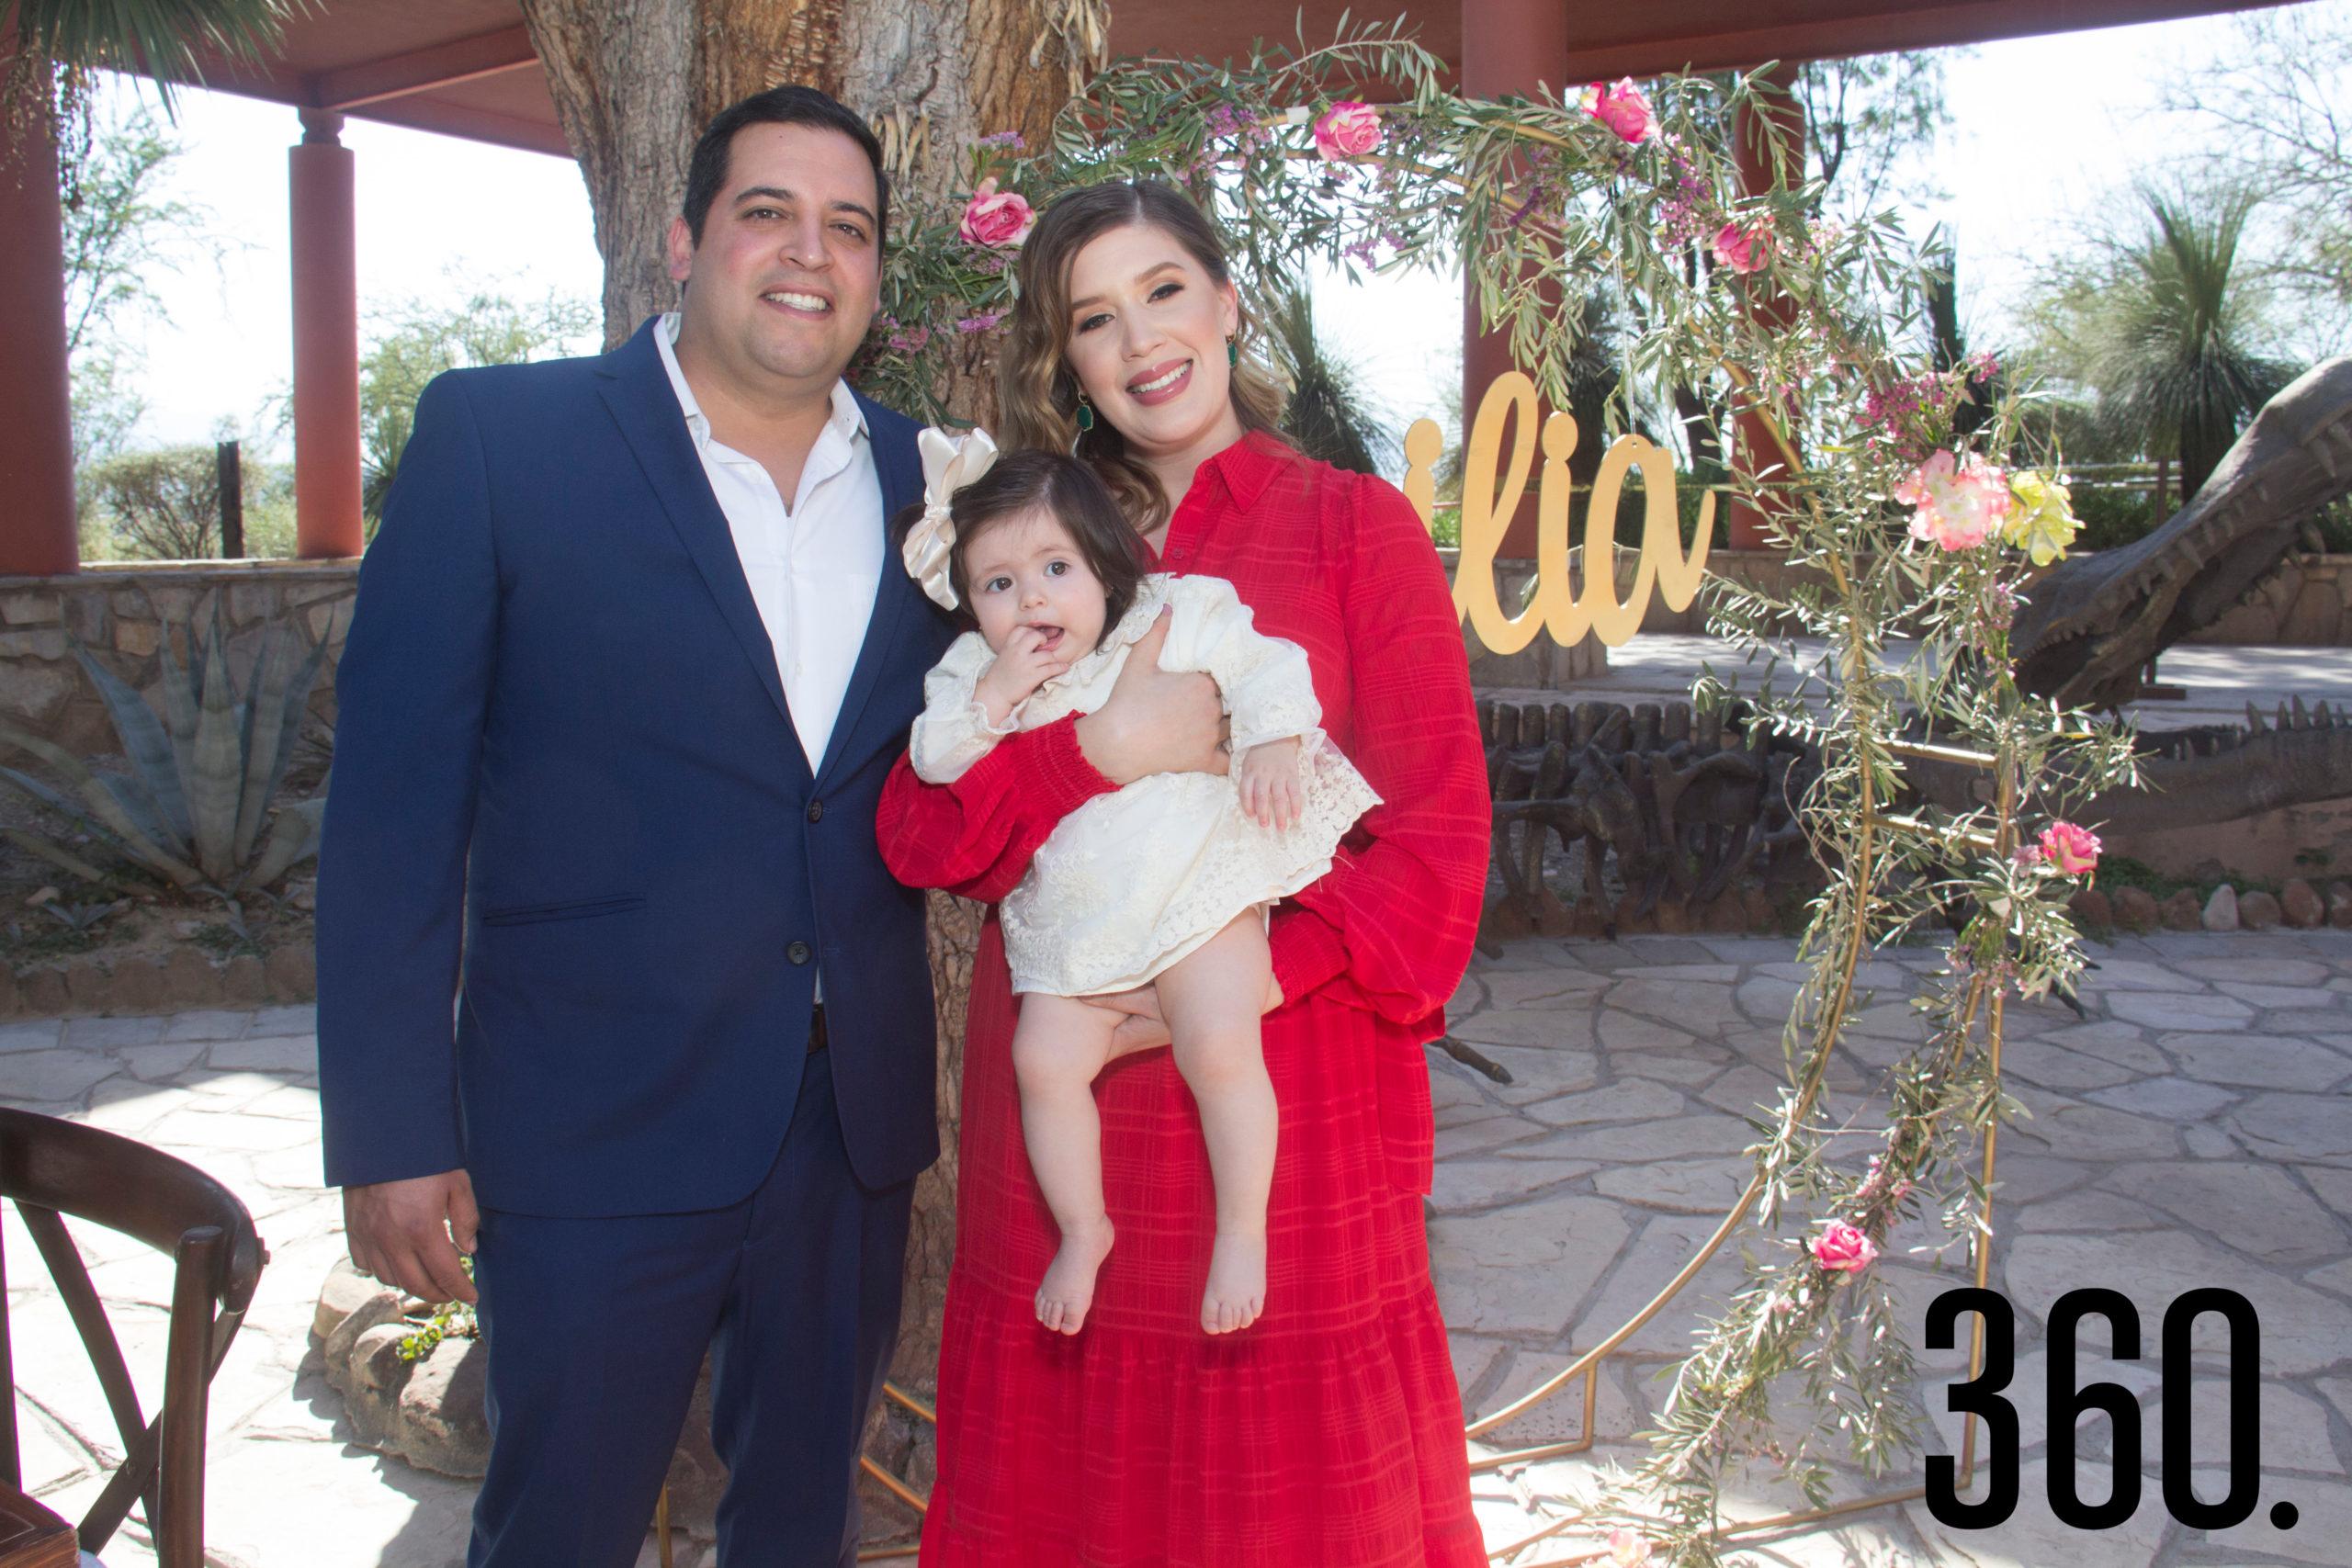 David Contreras López y Paloma Castilla Macedo con su ahijada Emilia.